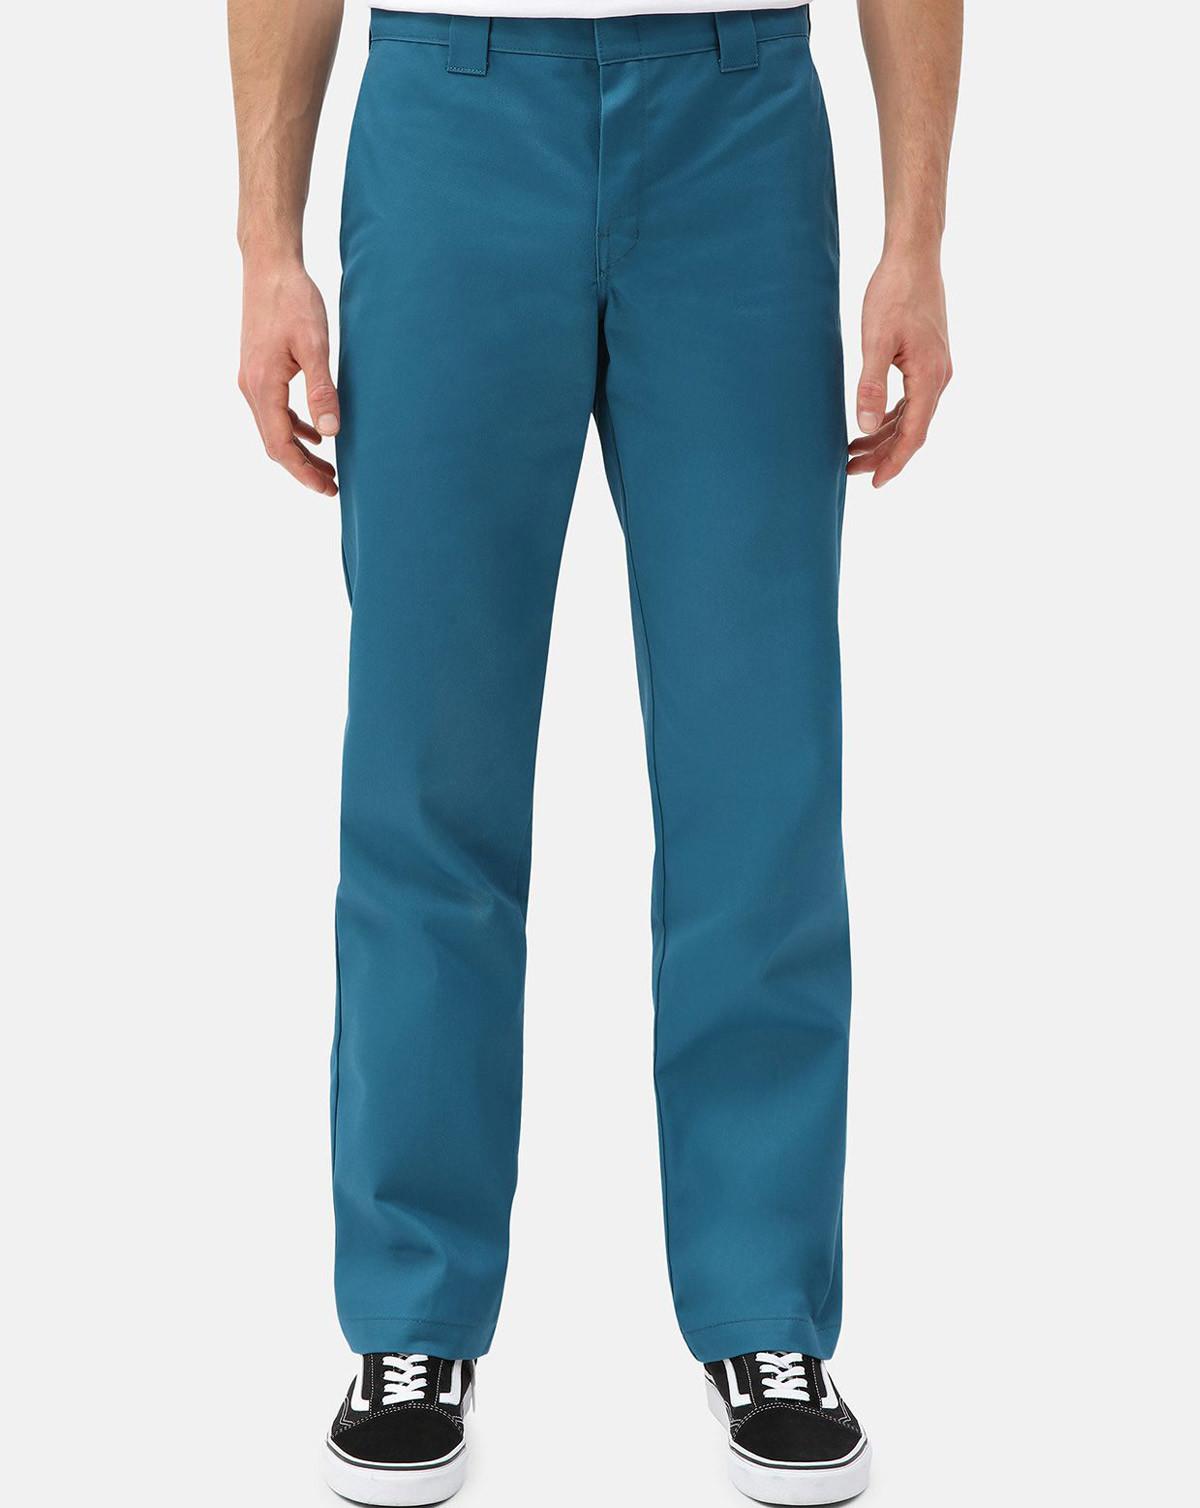 Dickies 873 Slim Straight Work Pant (Koral, W40 / L34)